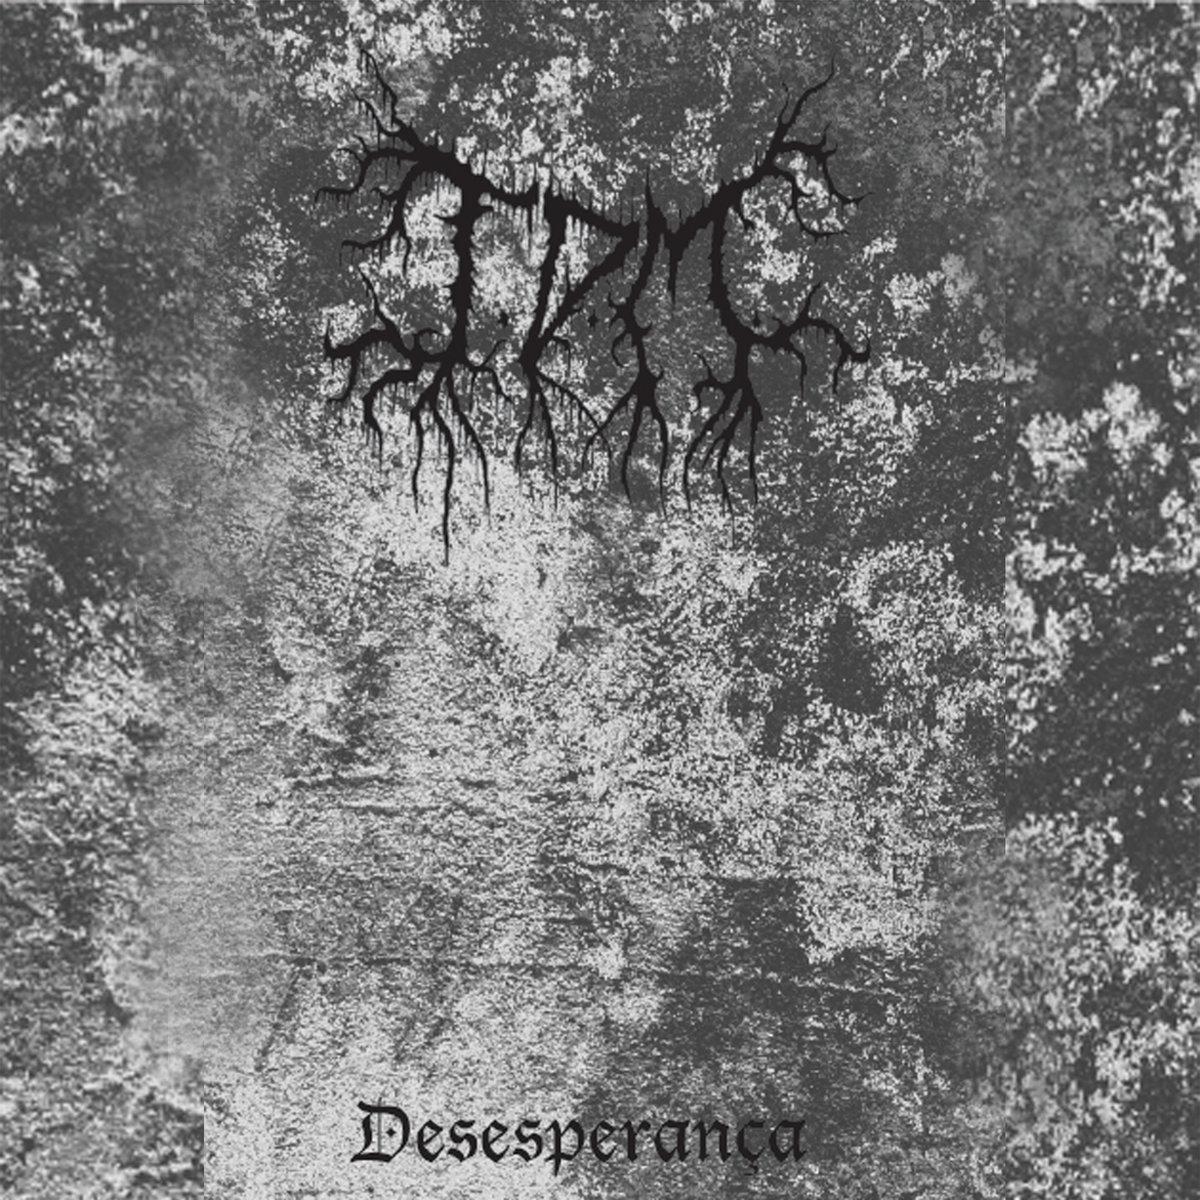 """Triunfo da Morte <br/> """"Desesperança""""<br/> cassete, 2018"""